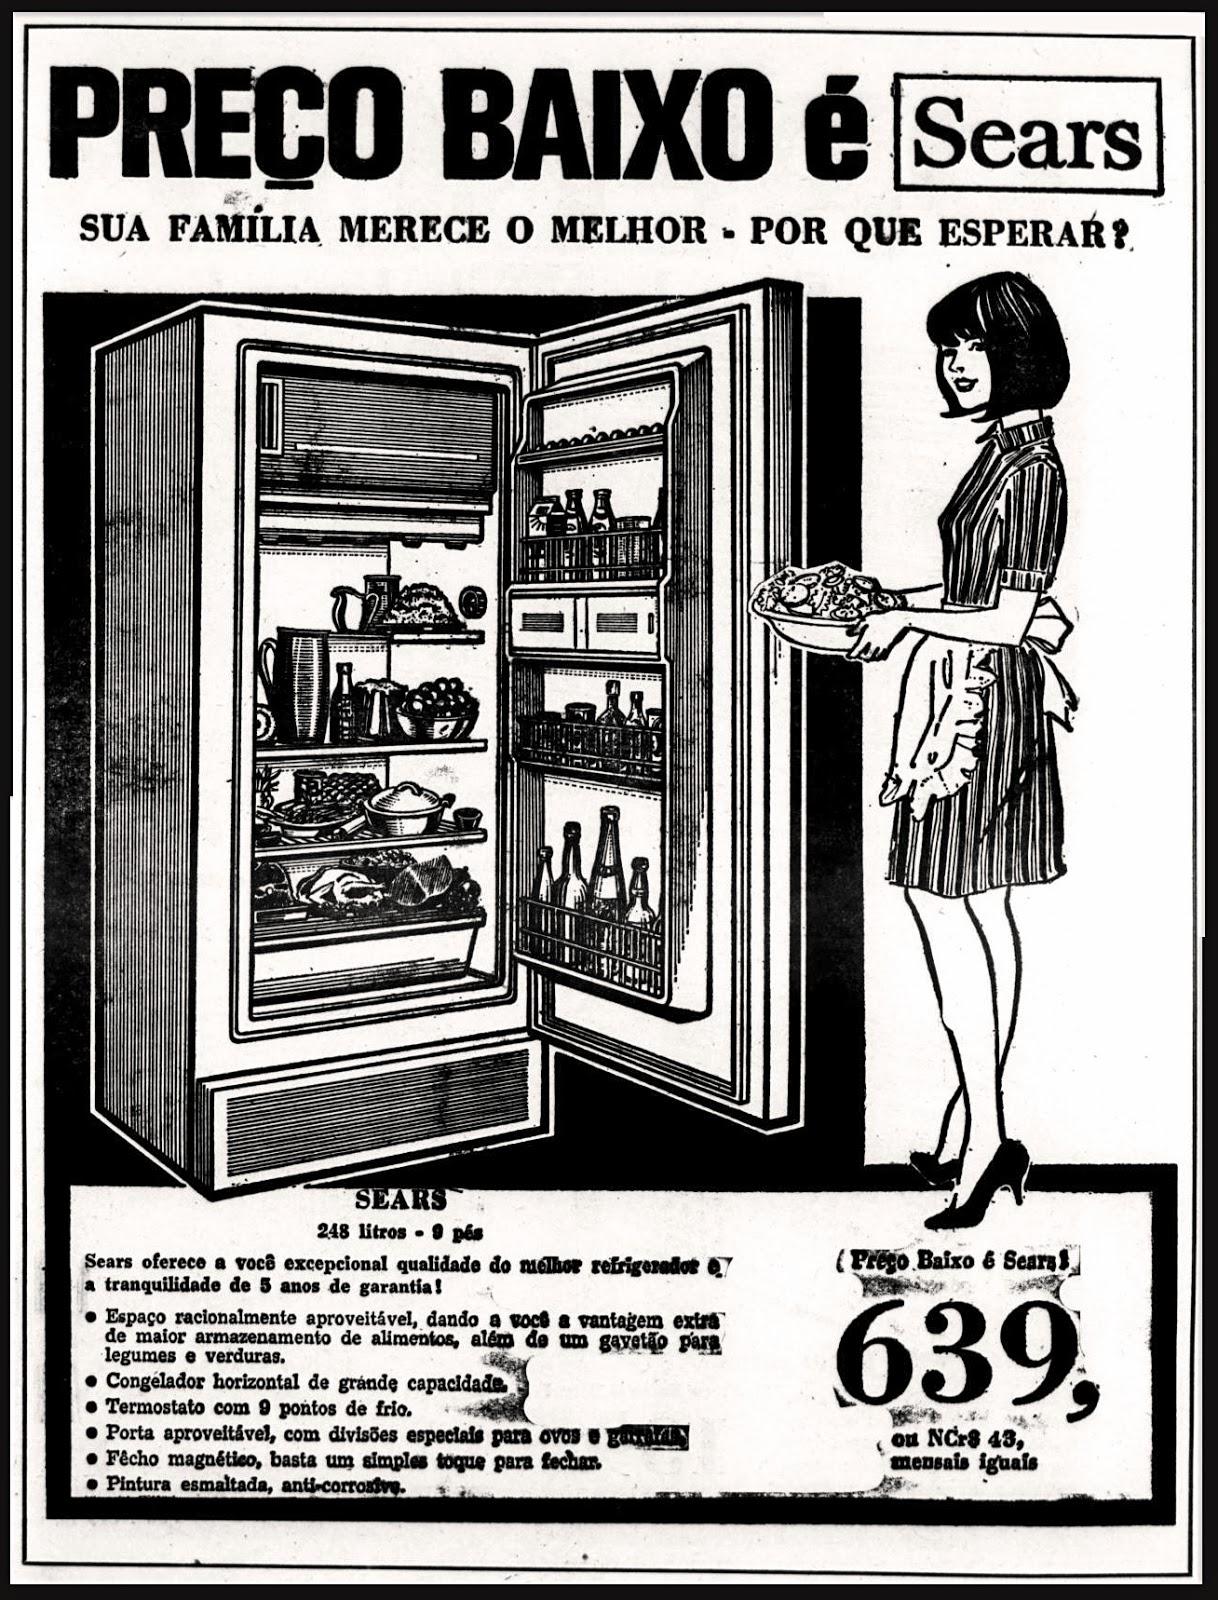 História dos anos 70; Propaganda na década de 70; Brazil in the 70s.